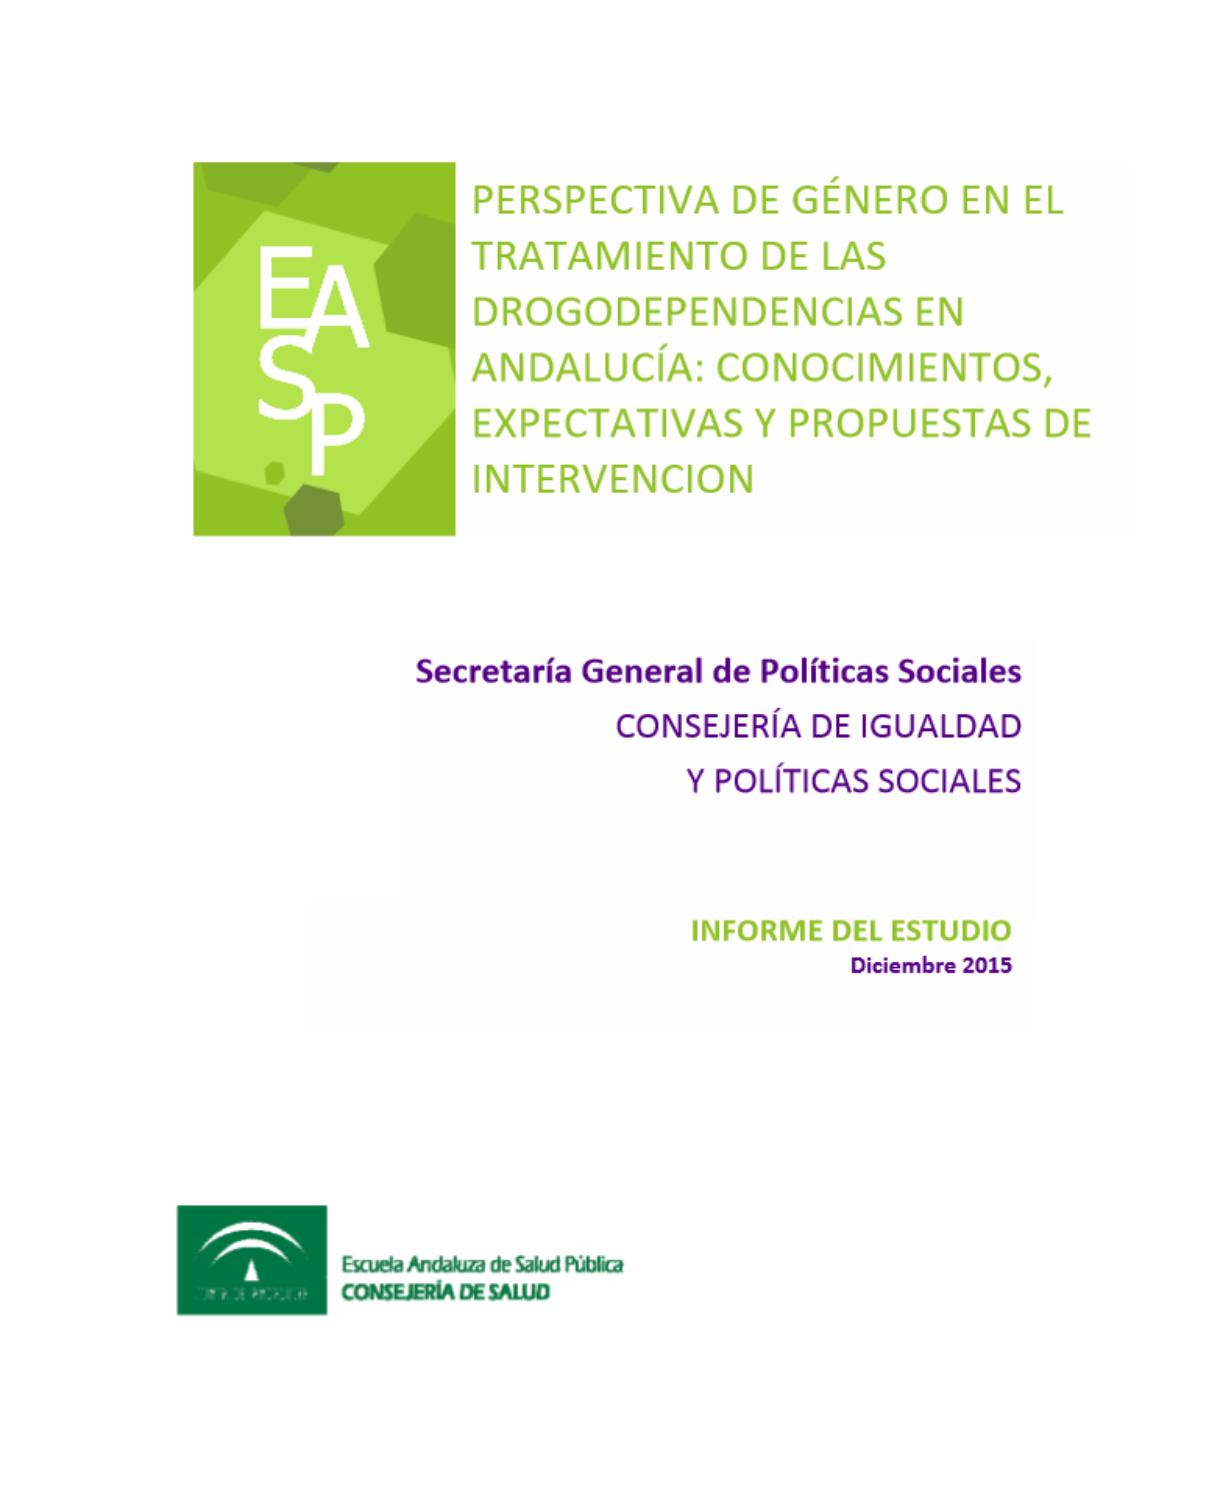 Perspectiva de género en el tratamiento de las drogodependencias en Andalucía: conocimientos, expectativas y propuestas de intervención